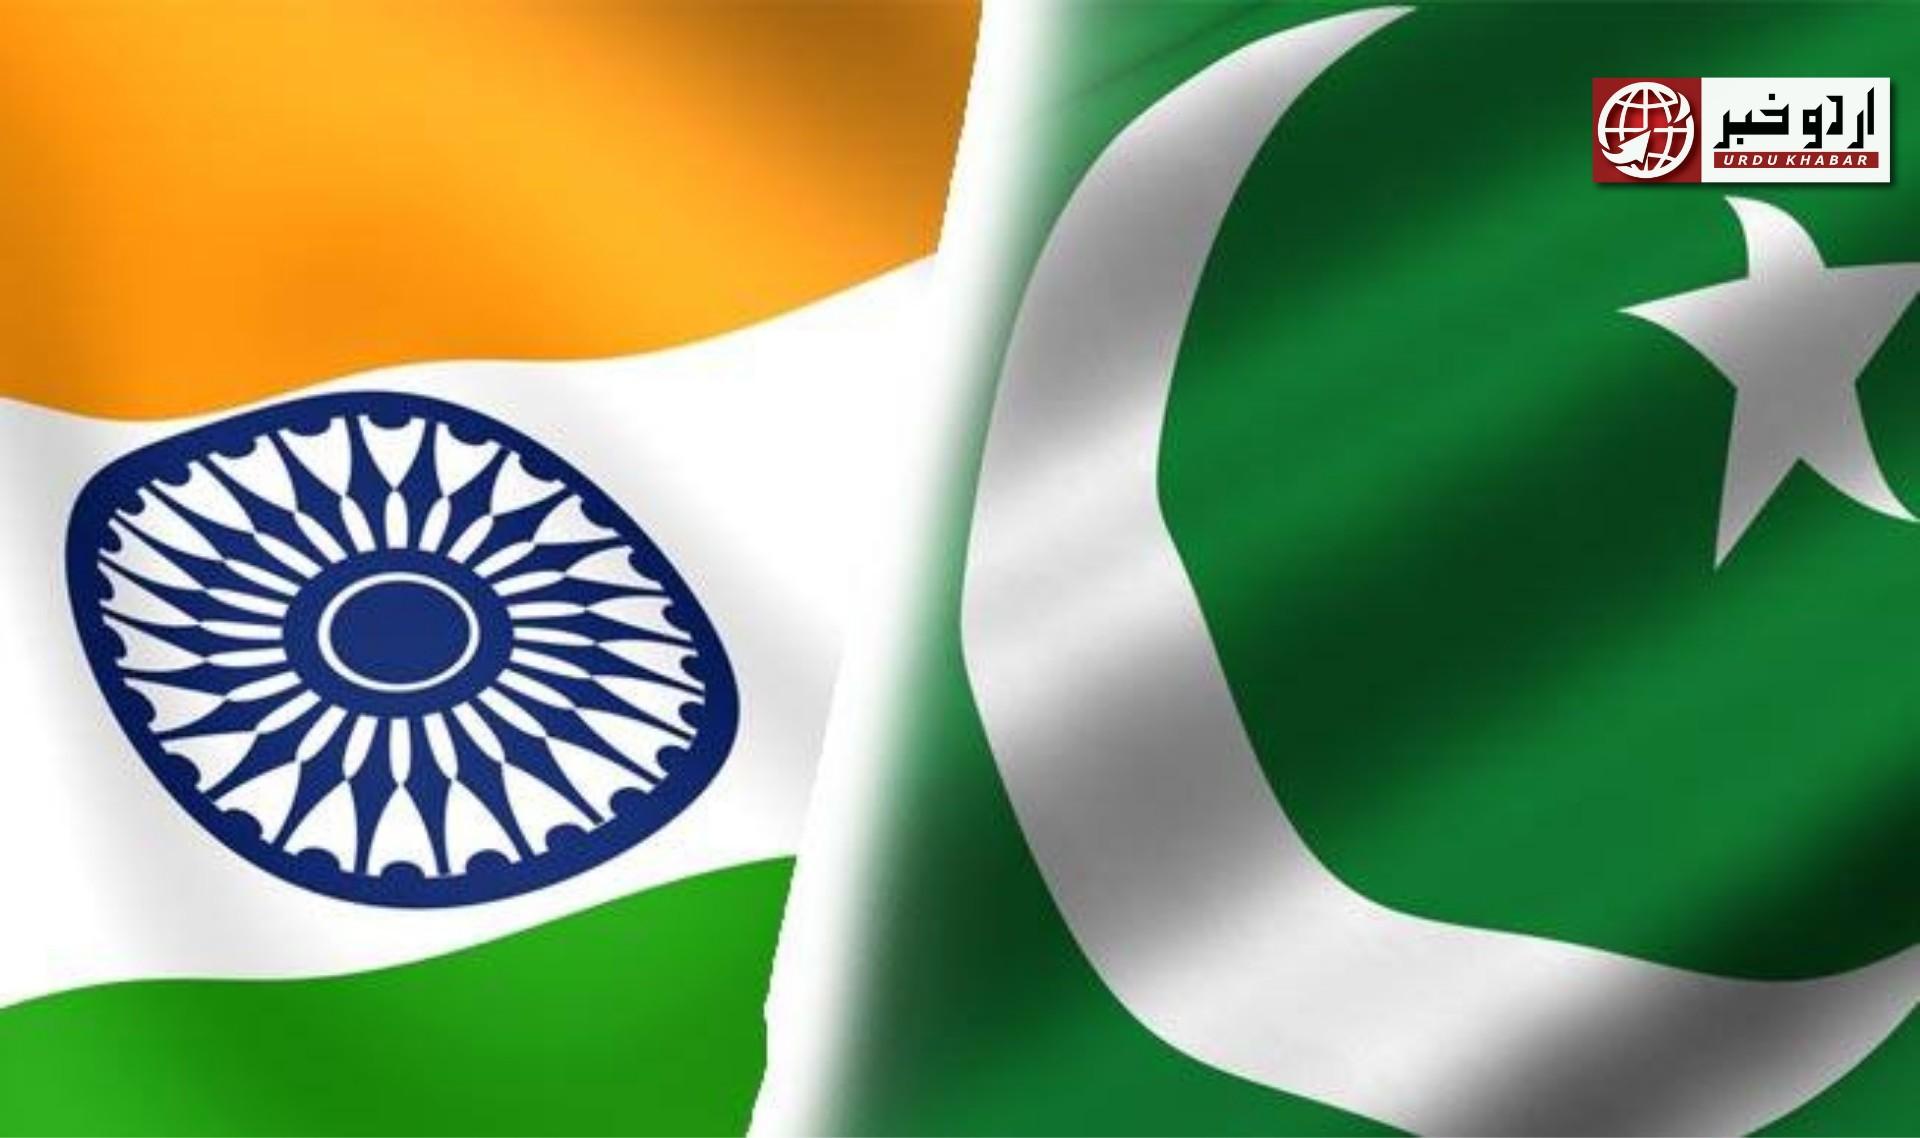 پاکستان اور بھارت نے ایک دوسرے کا سفارتی عملہ 50 فیصد کر دیا